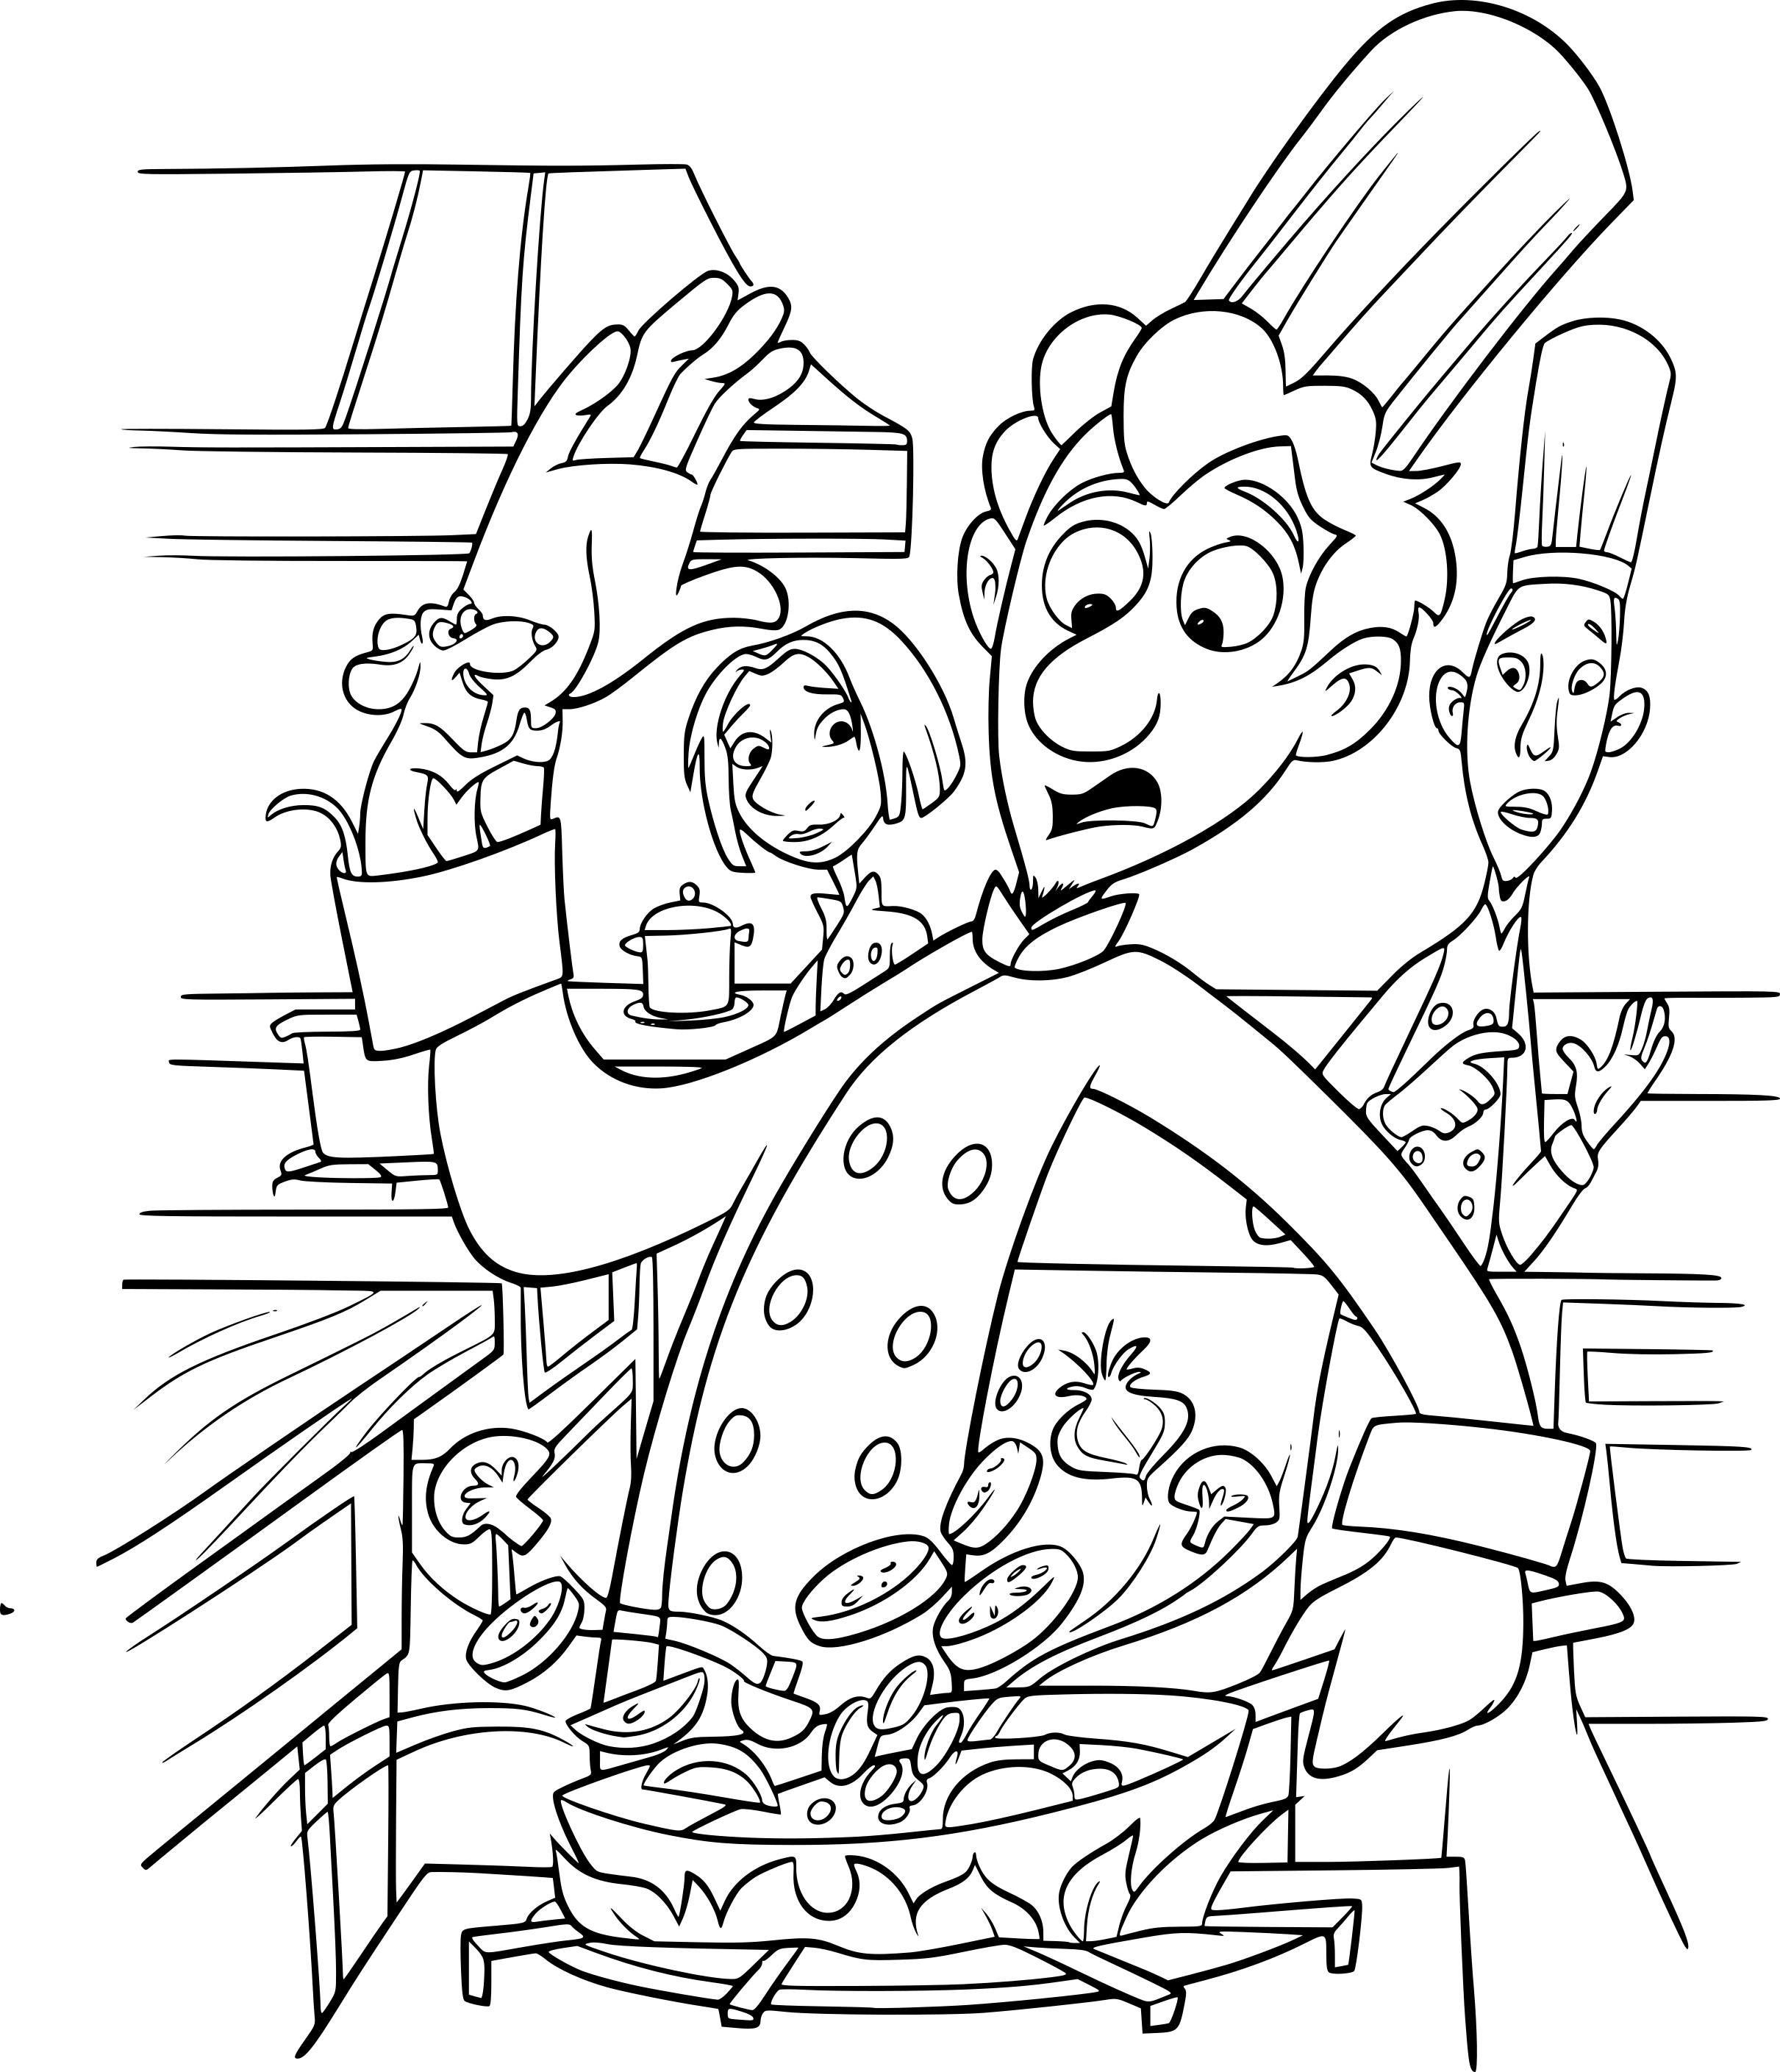 Coloriage Rauille Disney Dessin À Imprimer Sur destiné Coloriage Ratatouille